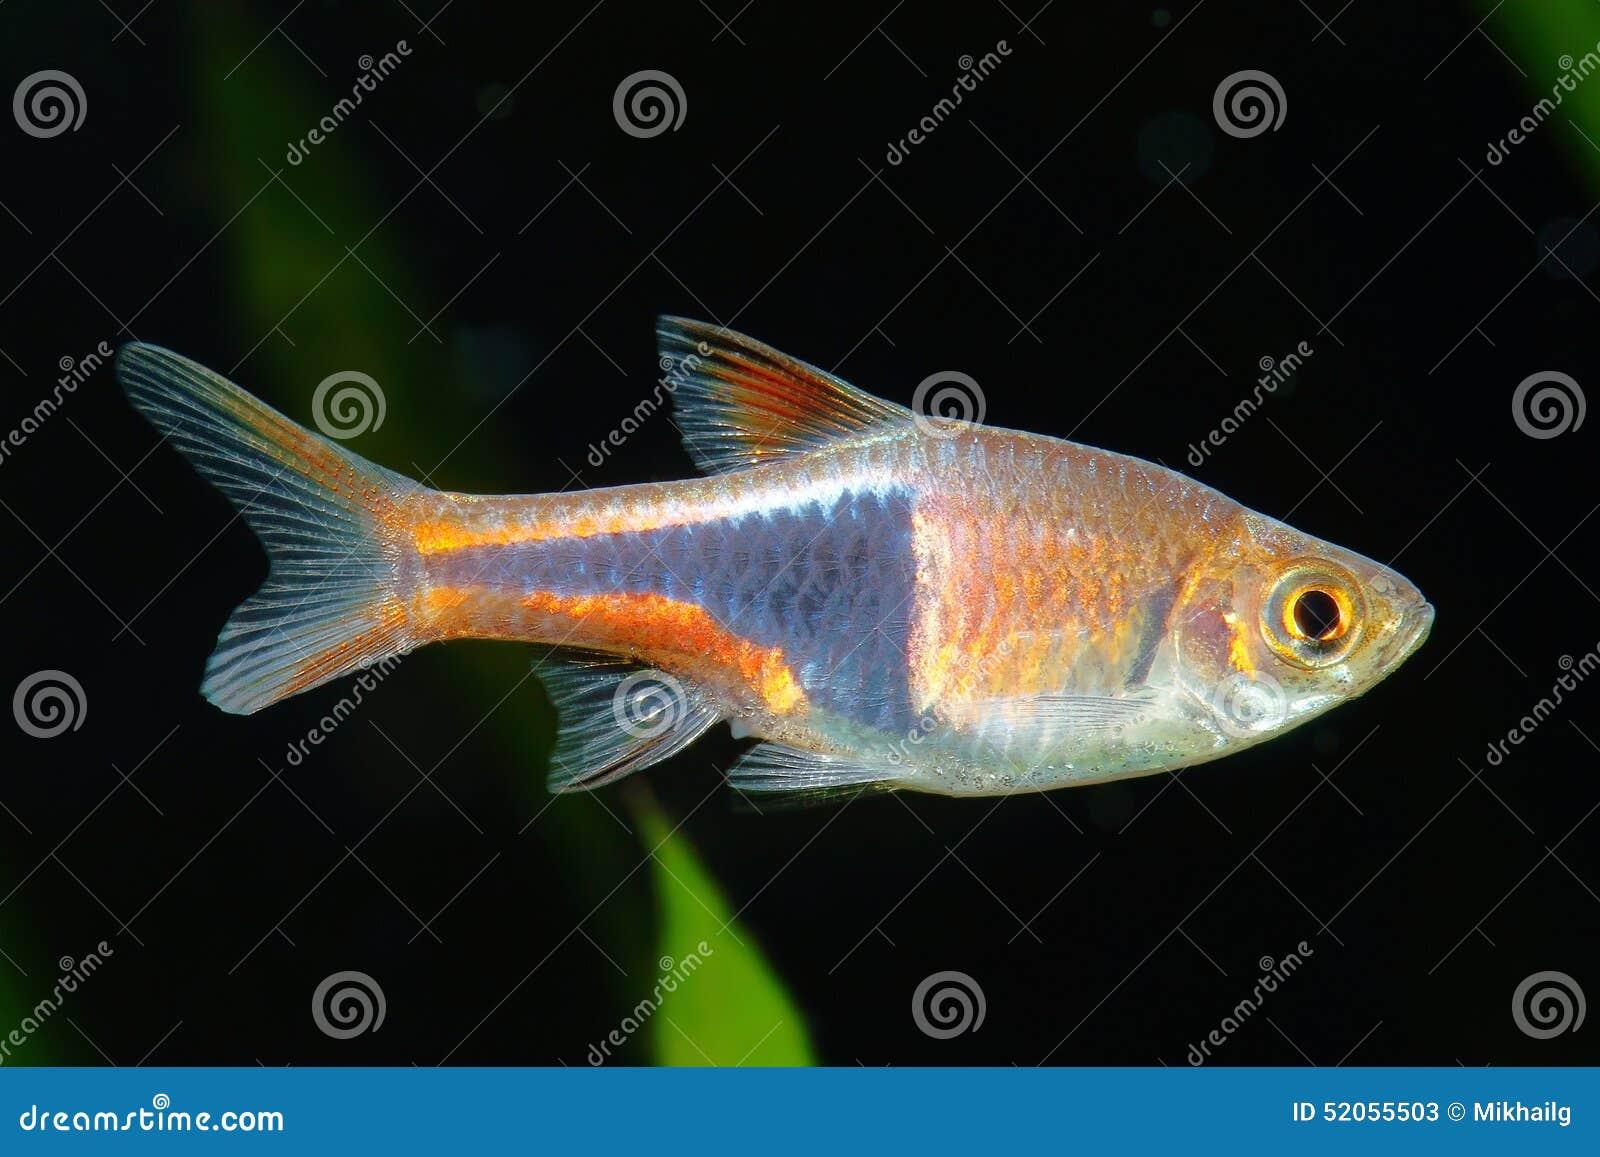 Freshwater aquarium fish rasbora - Rasbora Fish Stock Photos